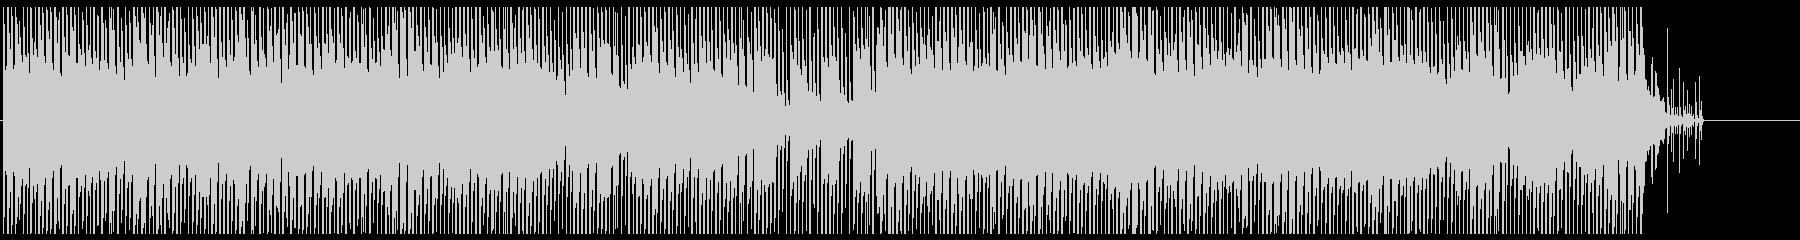 明るくポップなシンセサウンドの未再生の波形